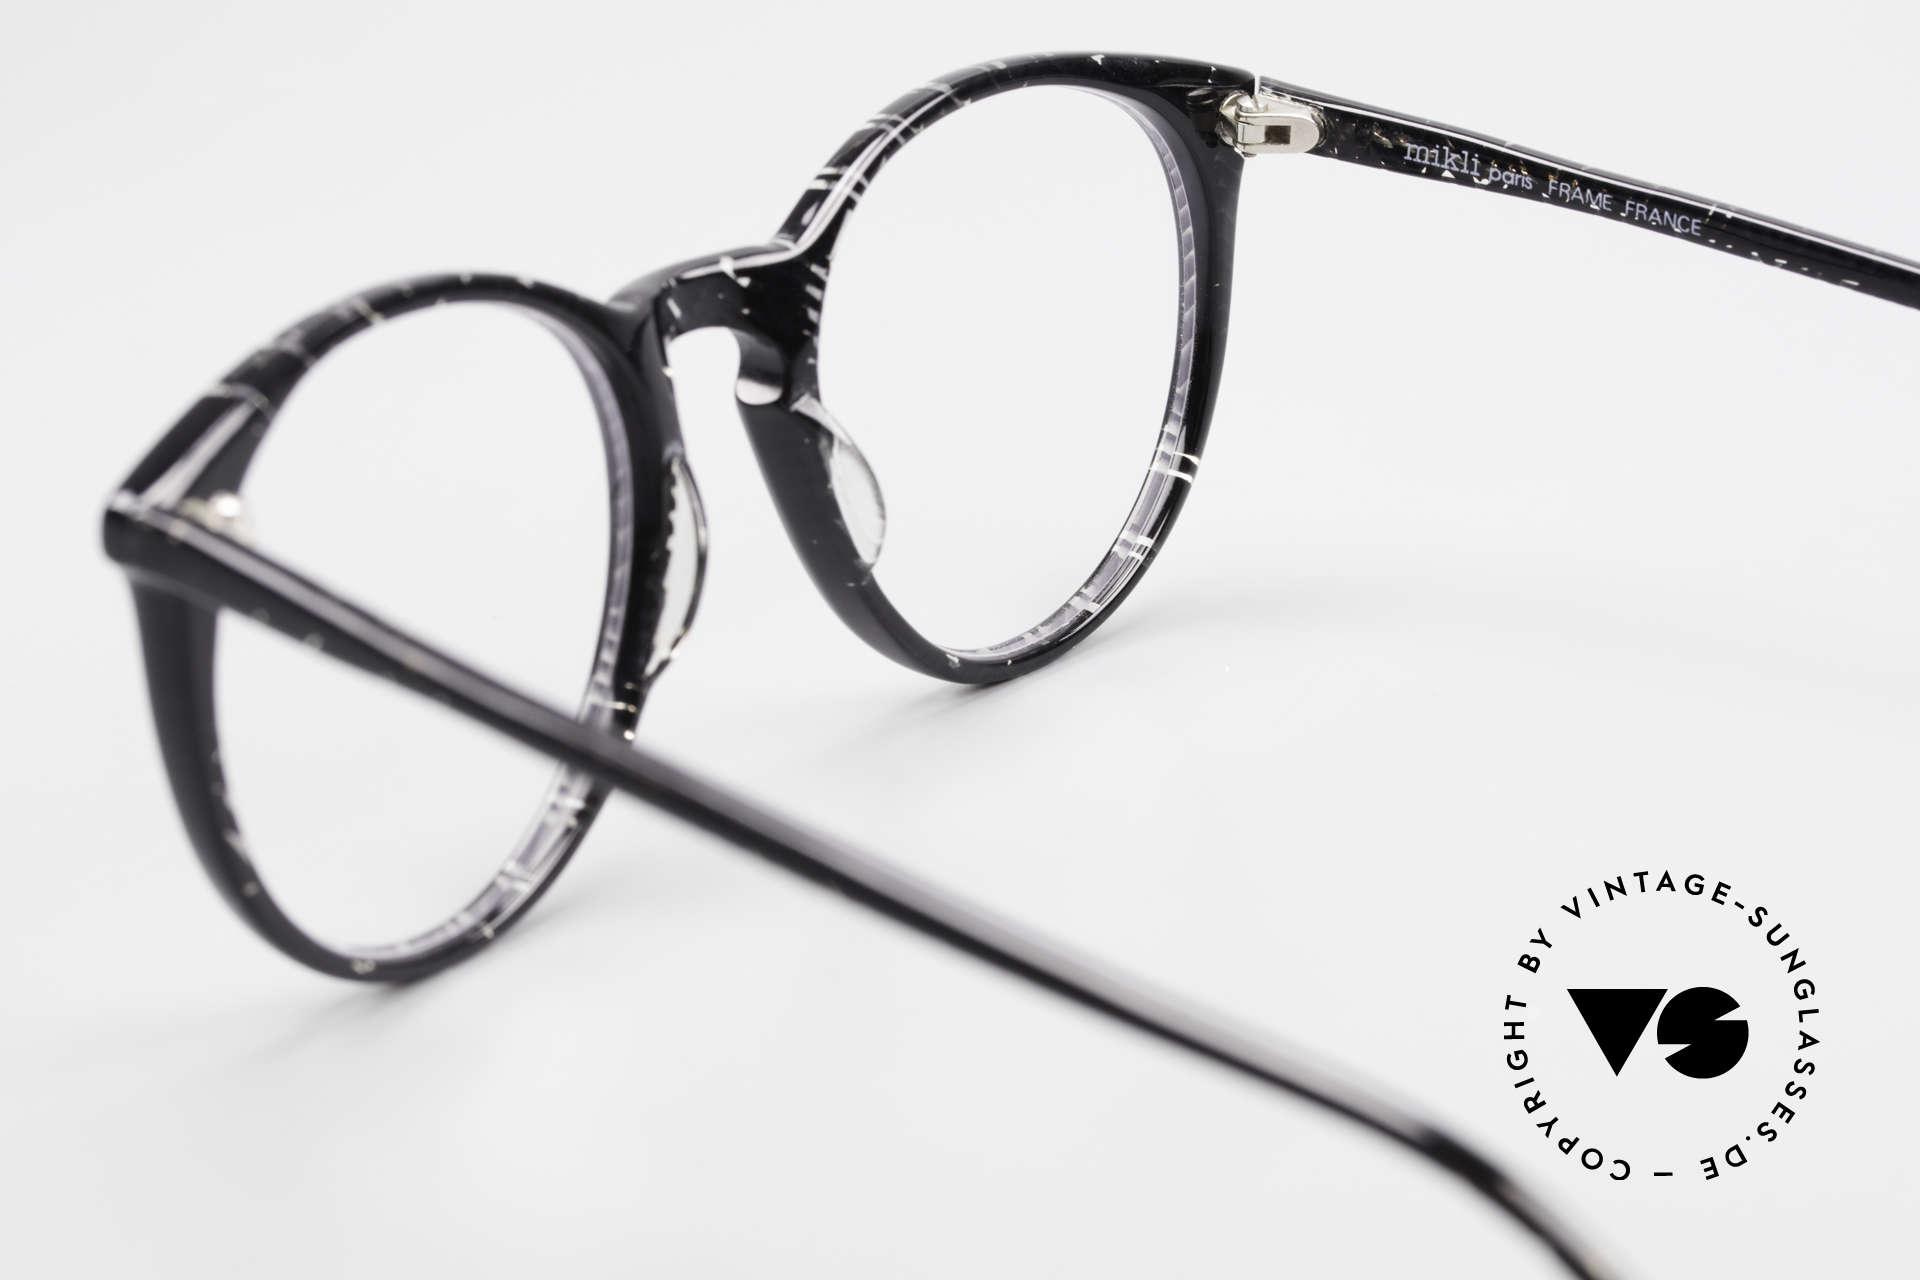 Alain Mikli 901 / 299 Panto Brille Schwarz Kristall, die Fassung ist beliebig verglasbar (optisch / Sonne), Passend für Herren und Damen